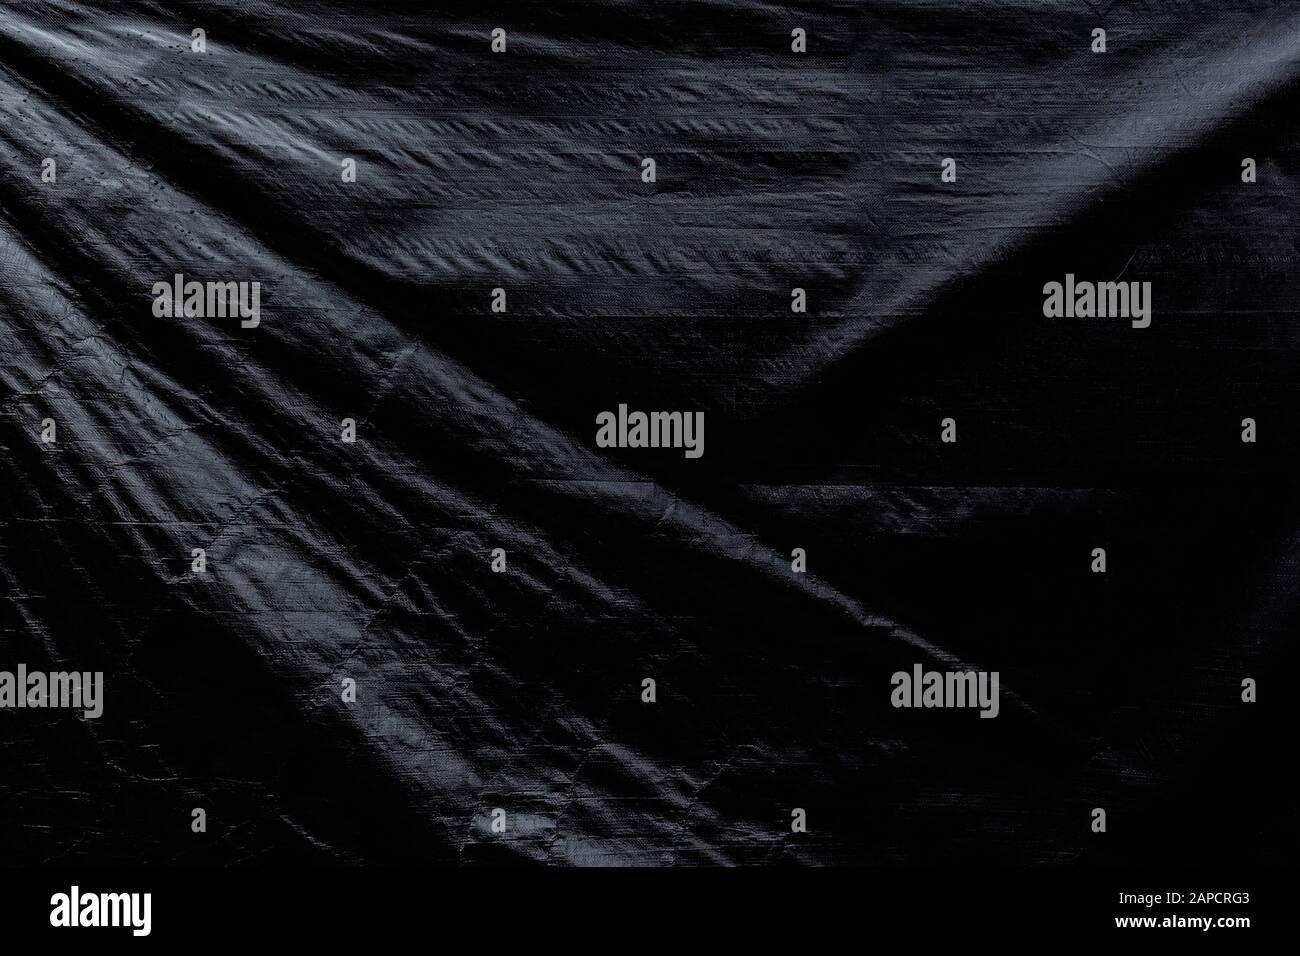 Bâche grise froissée. Arrière-plan texturé plein format abstrait haute résolution sombre. Banque D'Images